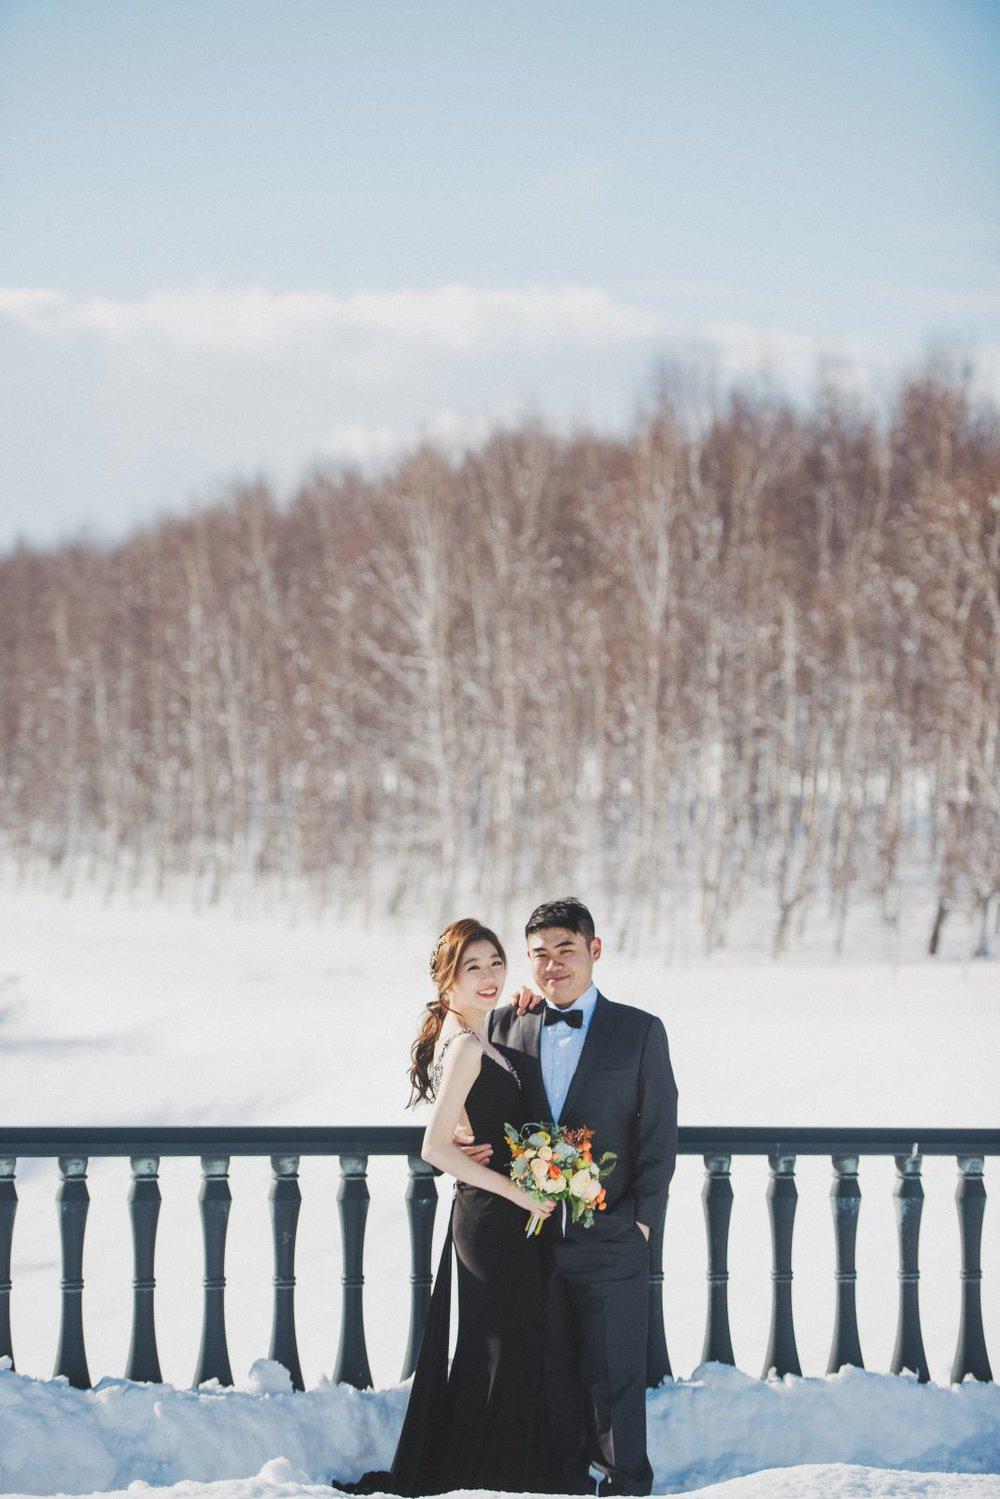 海外婚紗攝影,北海道婚紗攝影工作室